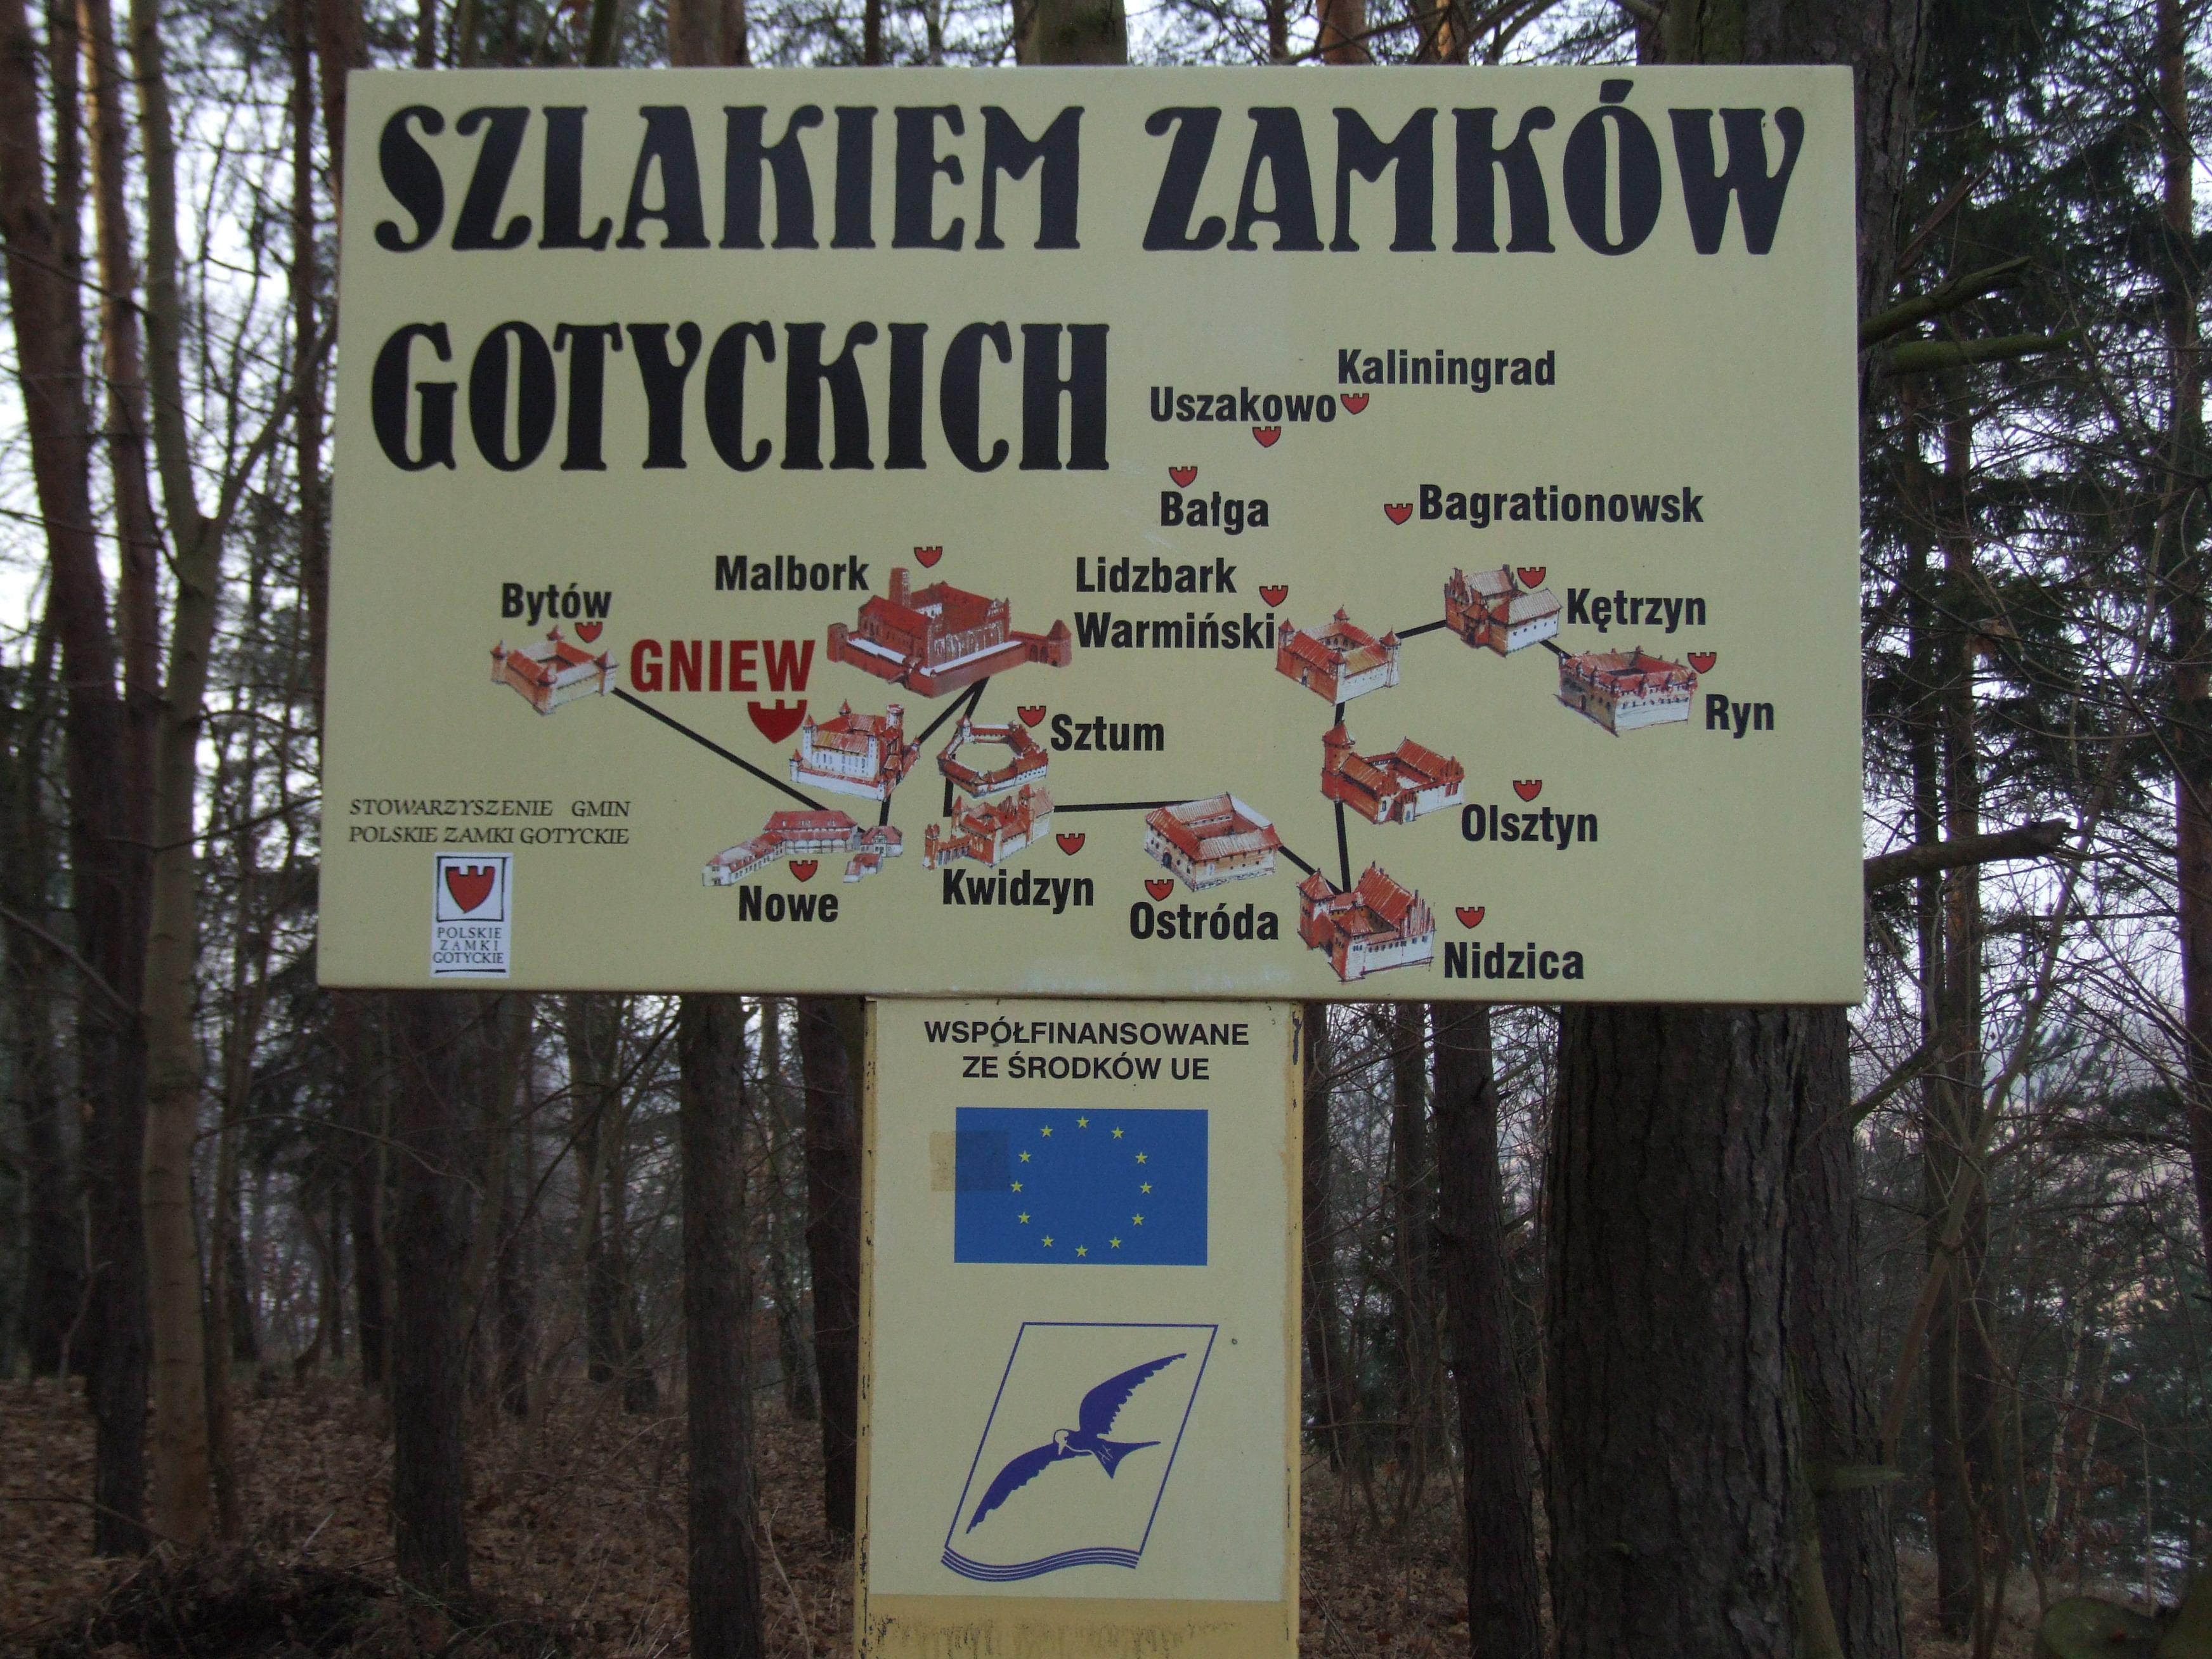 Description Polskie Zamki Gotyckie.JPG